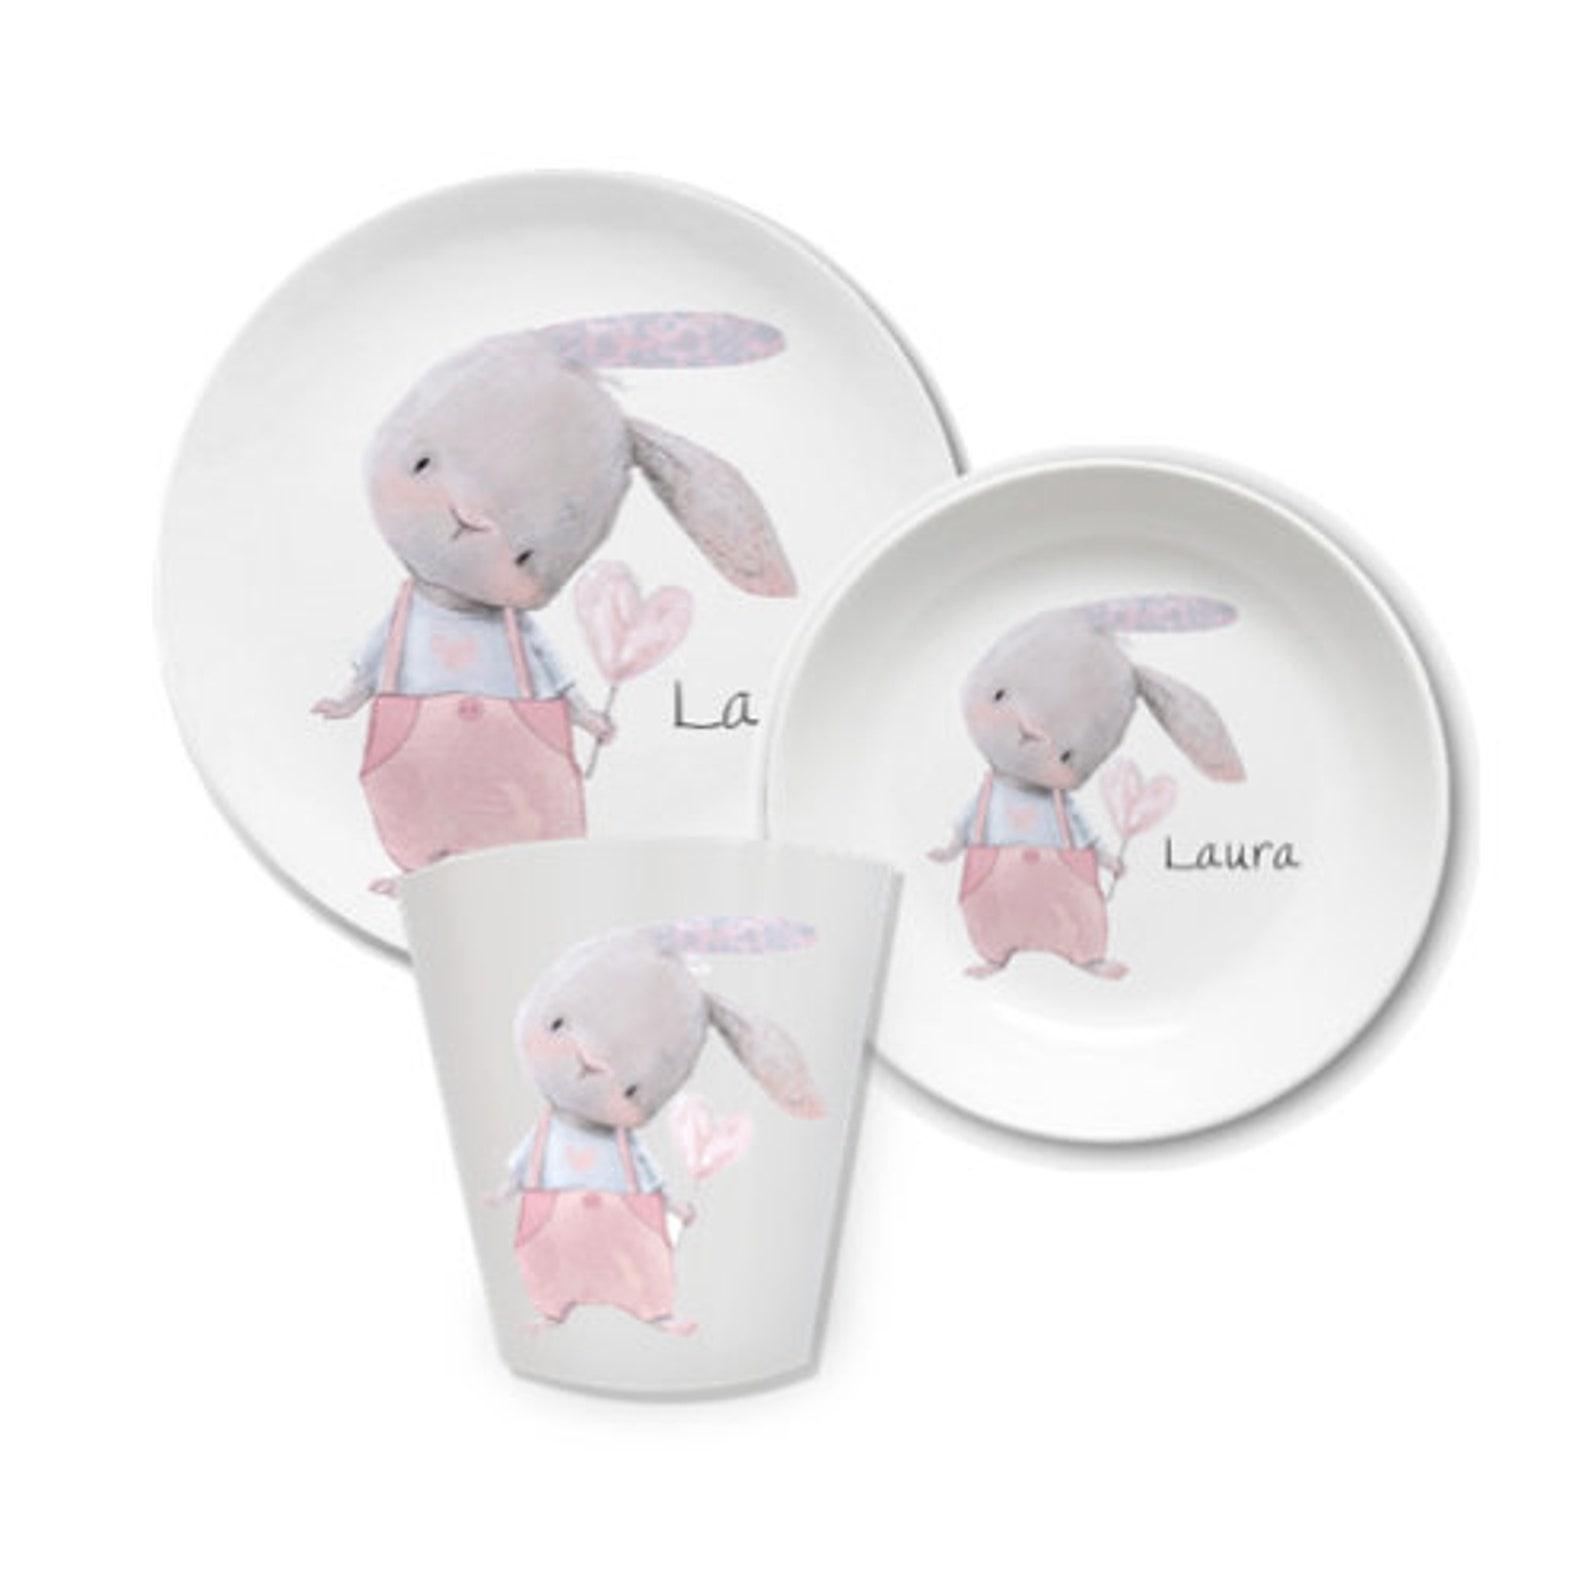 Kindergeschirr mit Namen Hase mit rosa Hose